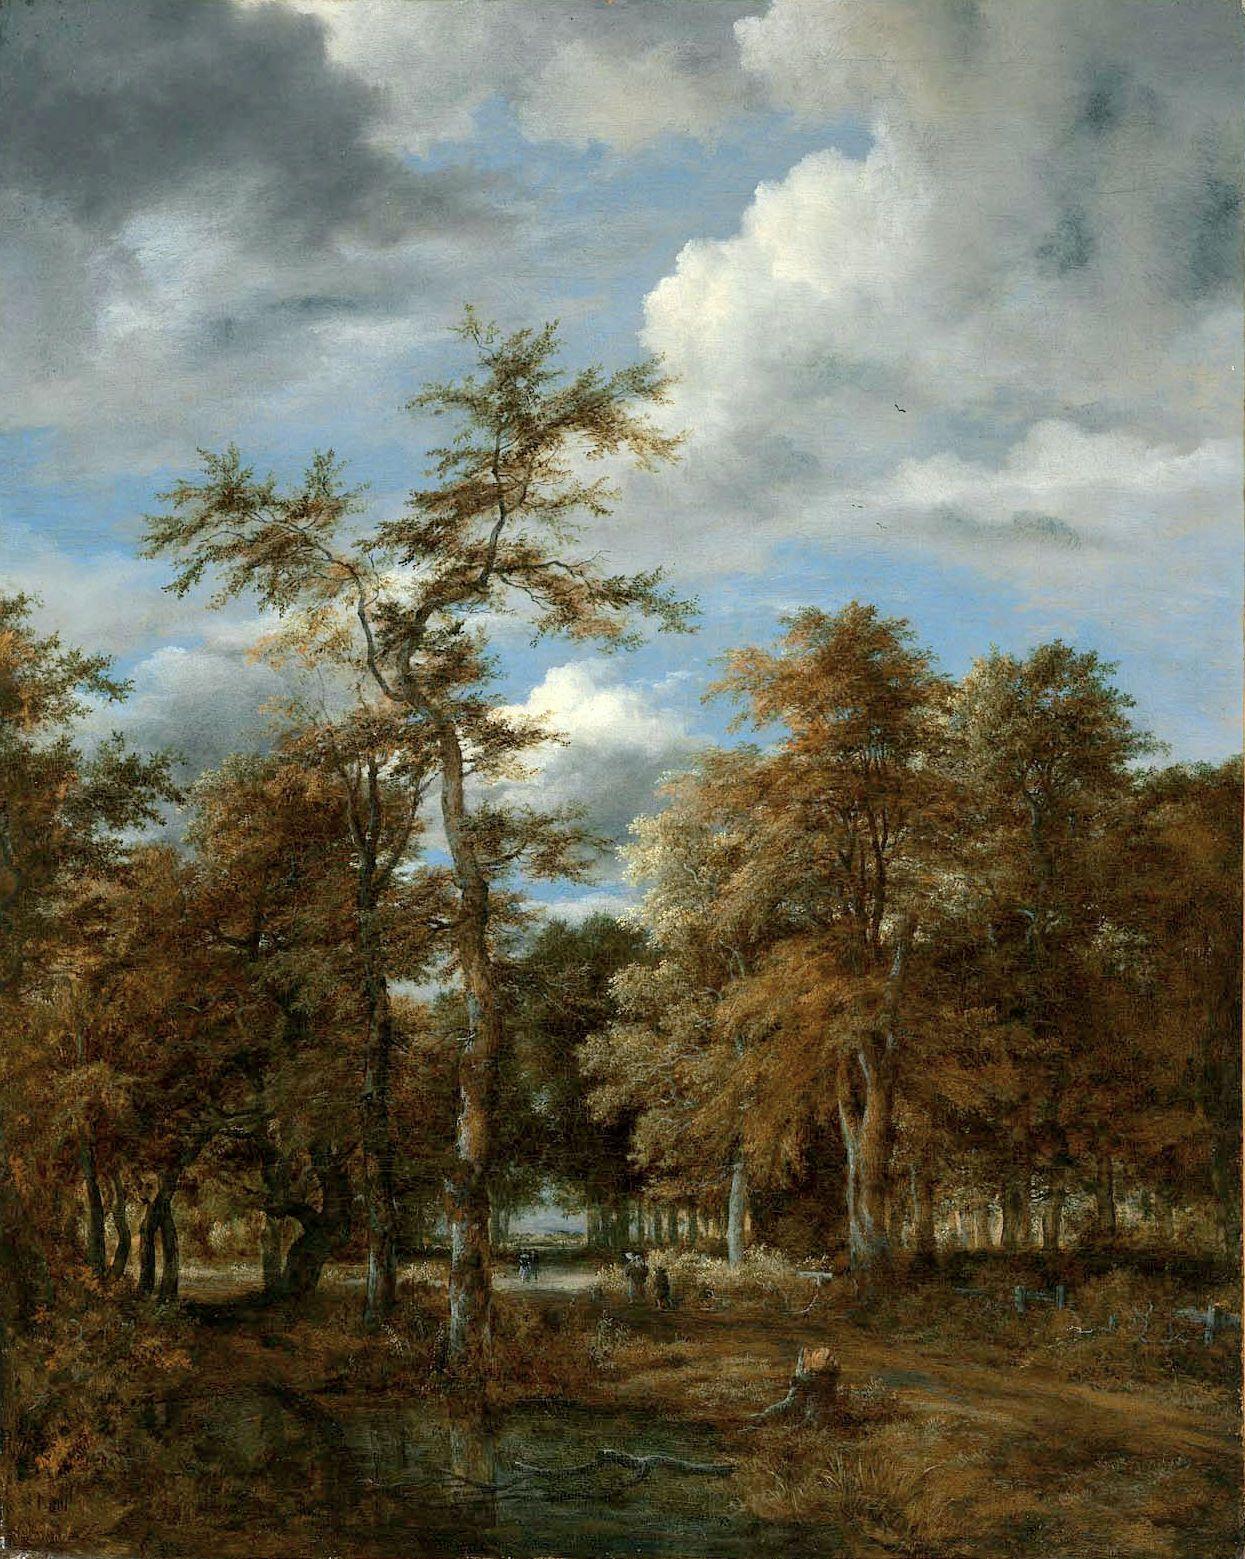 Jacob Van Ruisdael Elsewhere Landscape Paintings Museum Of Fine Arts Landscape